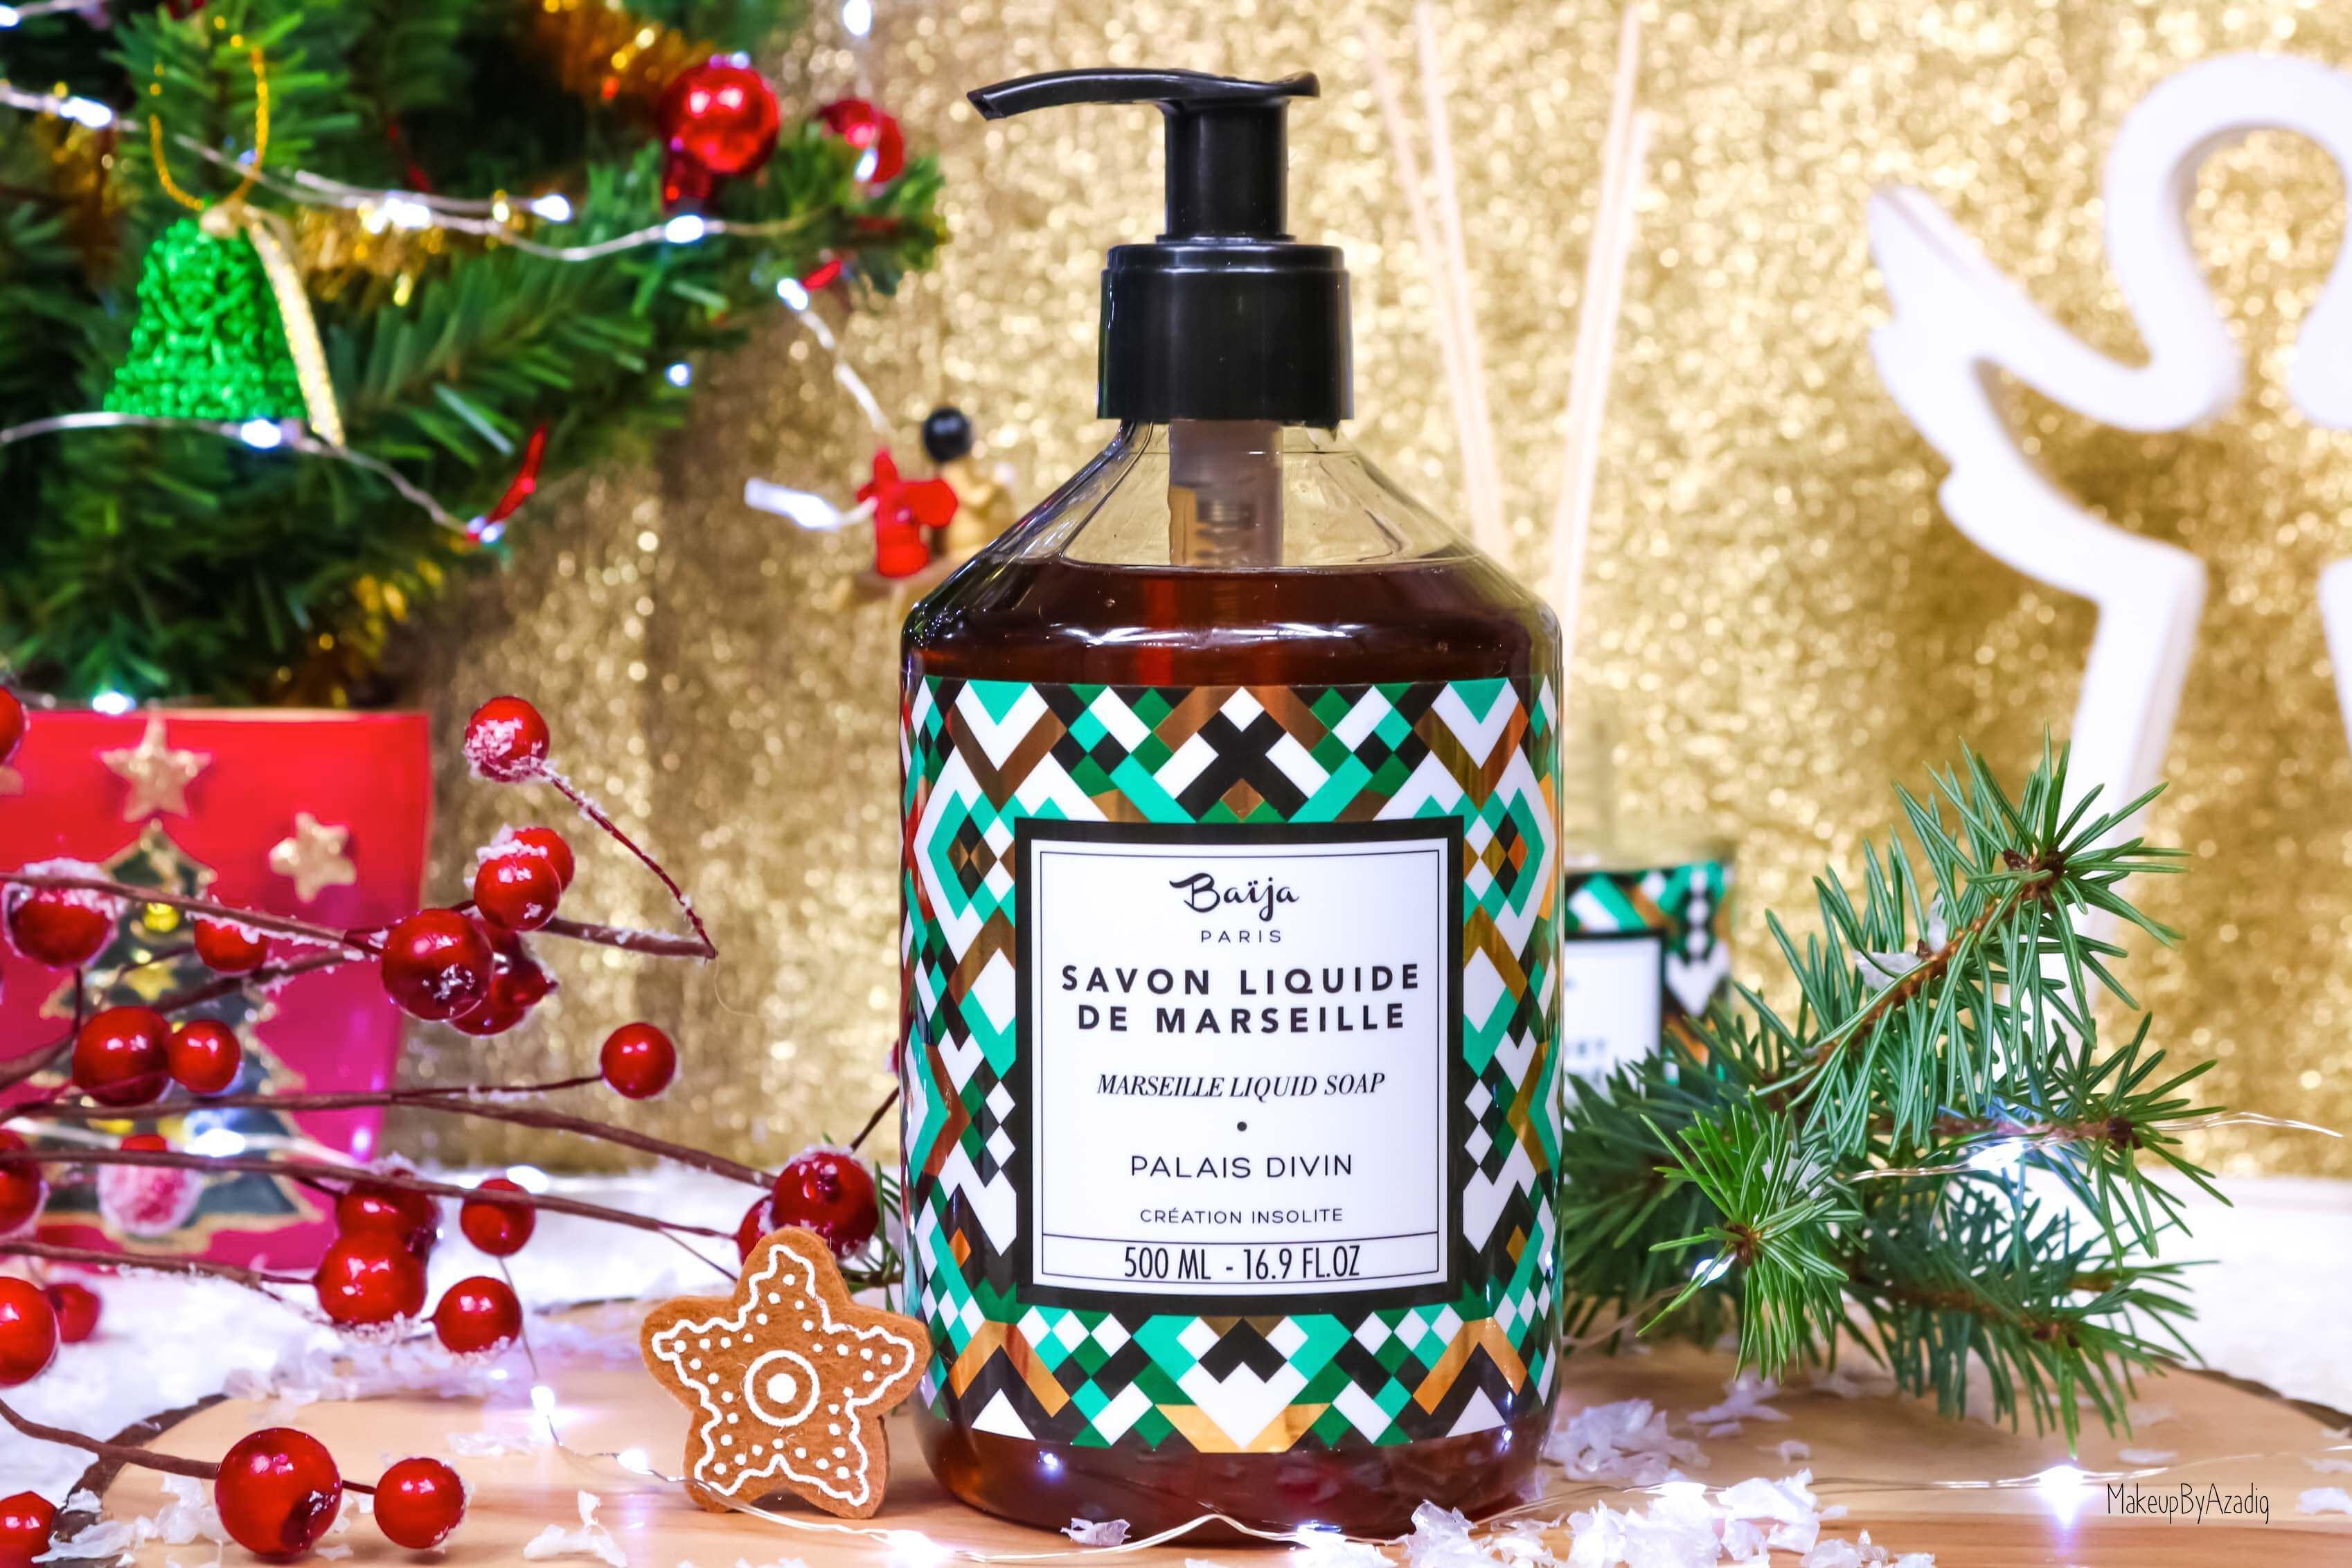 nouveaute-parfum-interieur-maison-baija-palais-divin-ambre-vanille-bougie-savon-marseille-bouquet-avis-prix-makeupbyazadig-shower